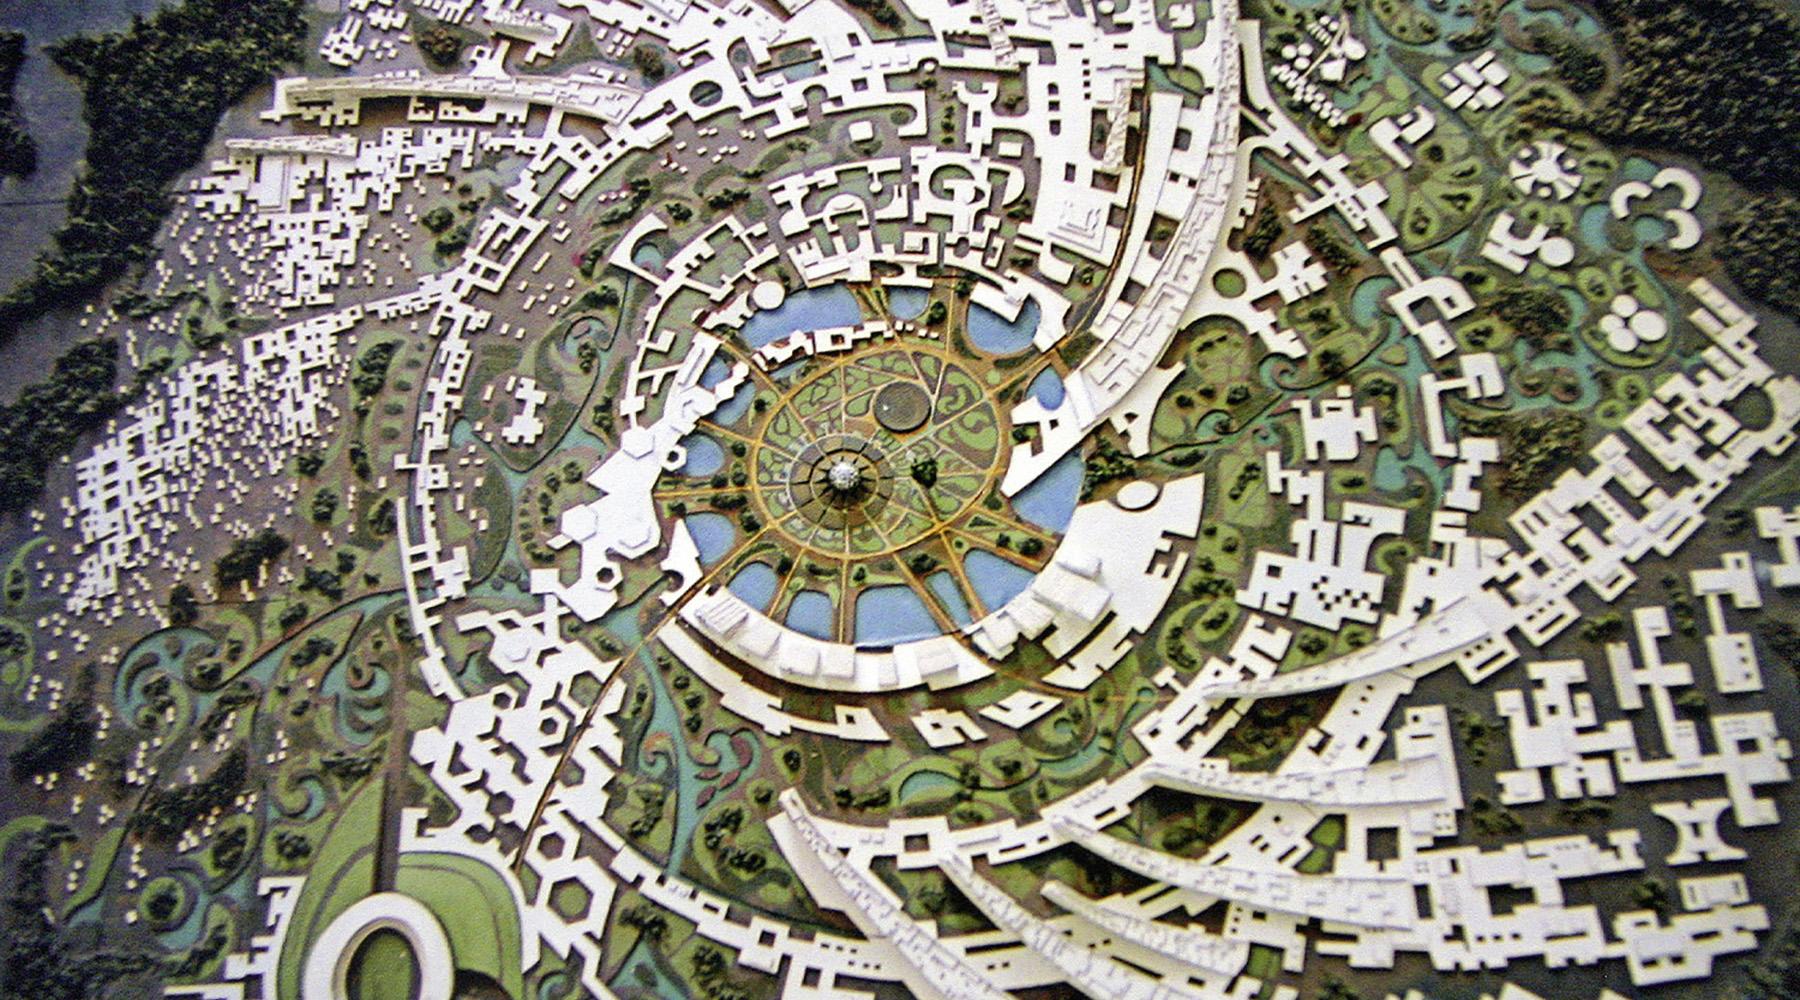 Diamantschleiferei_Michael_Bonke_Ein-Diamant-entsteht_Auroville_1